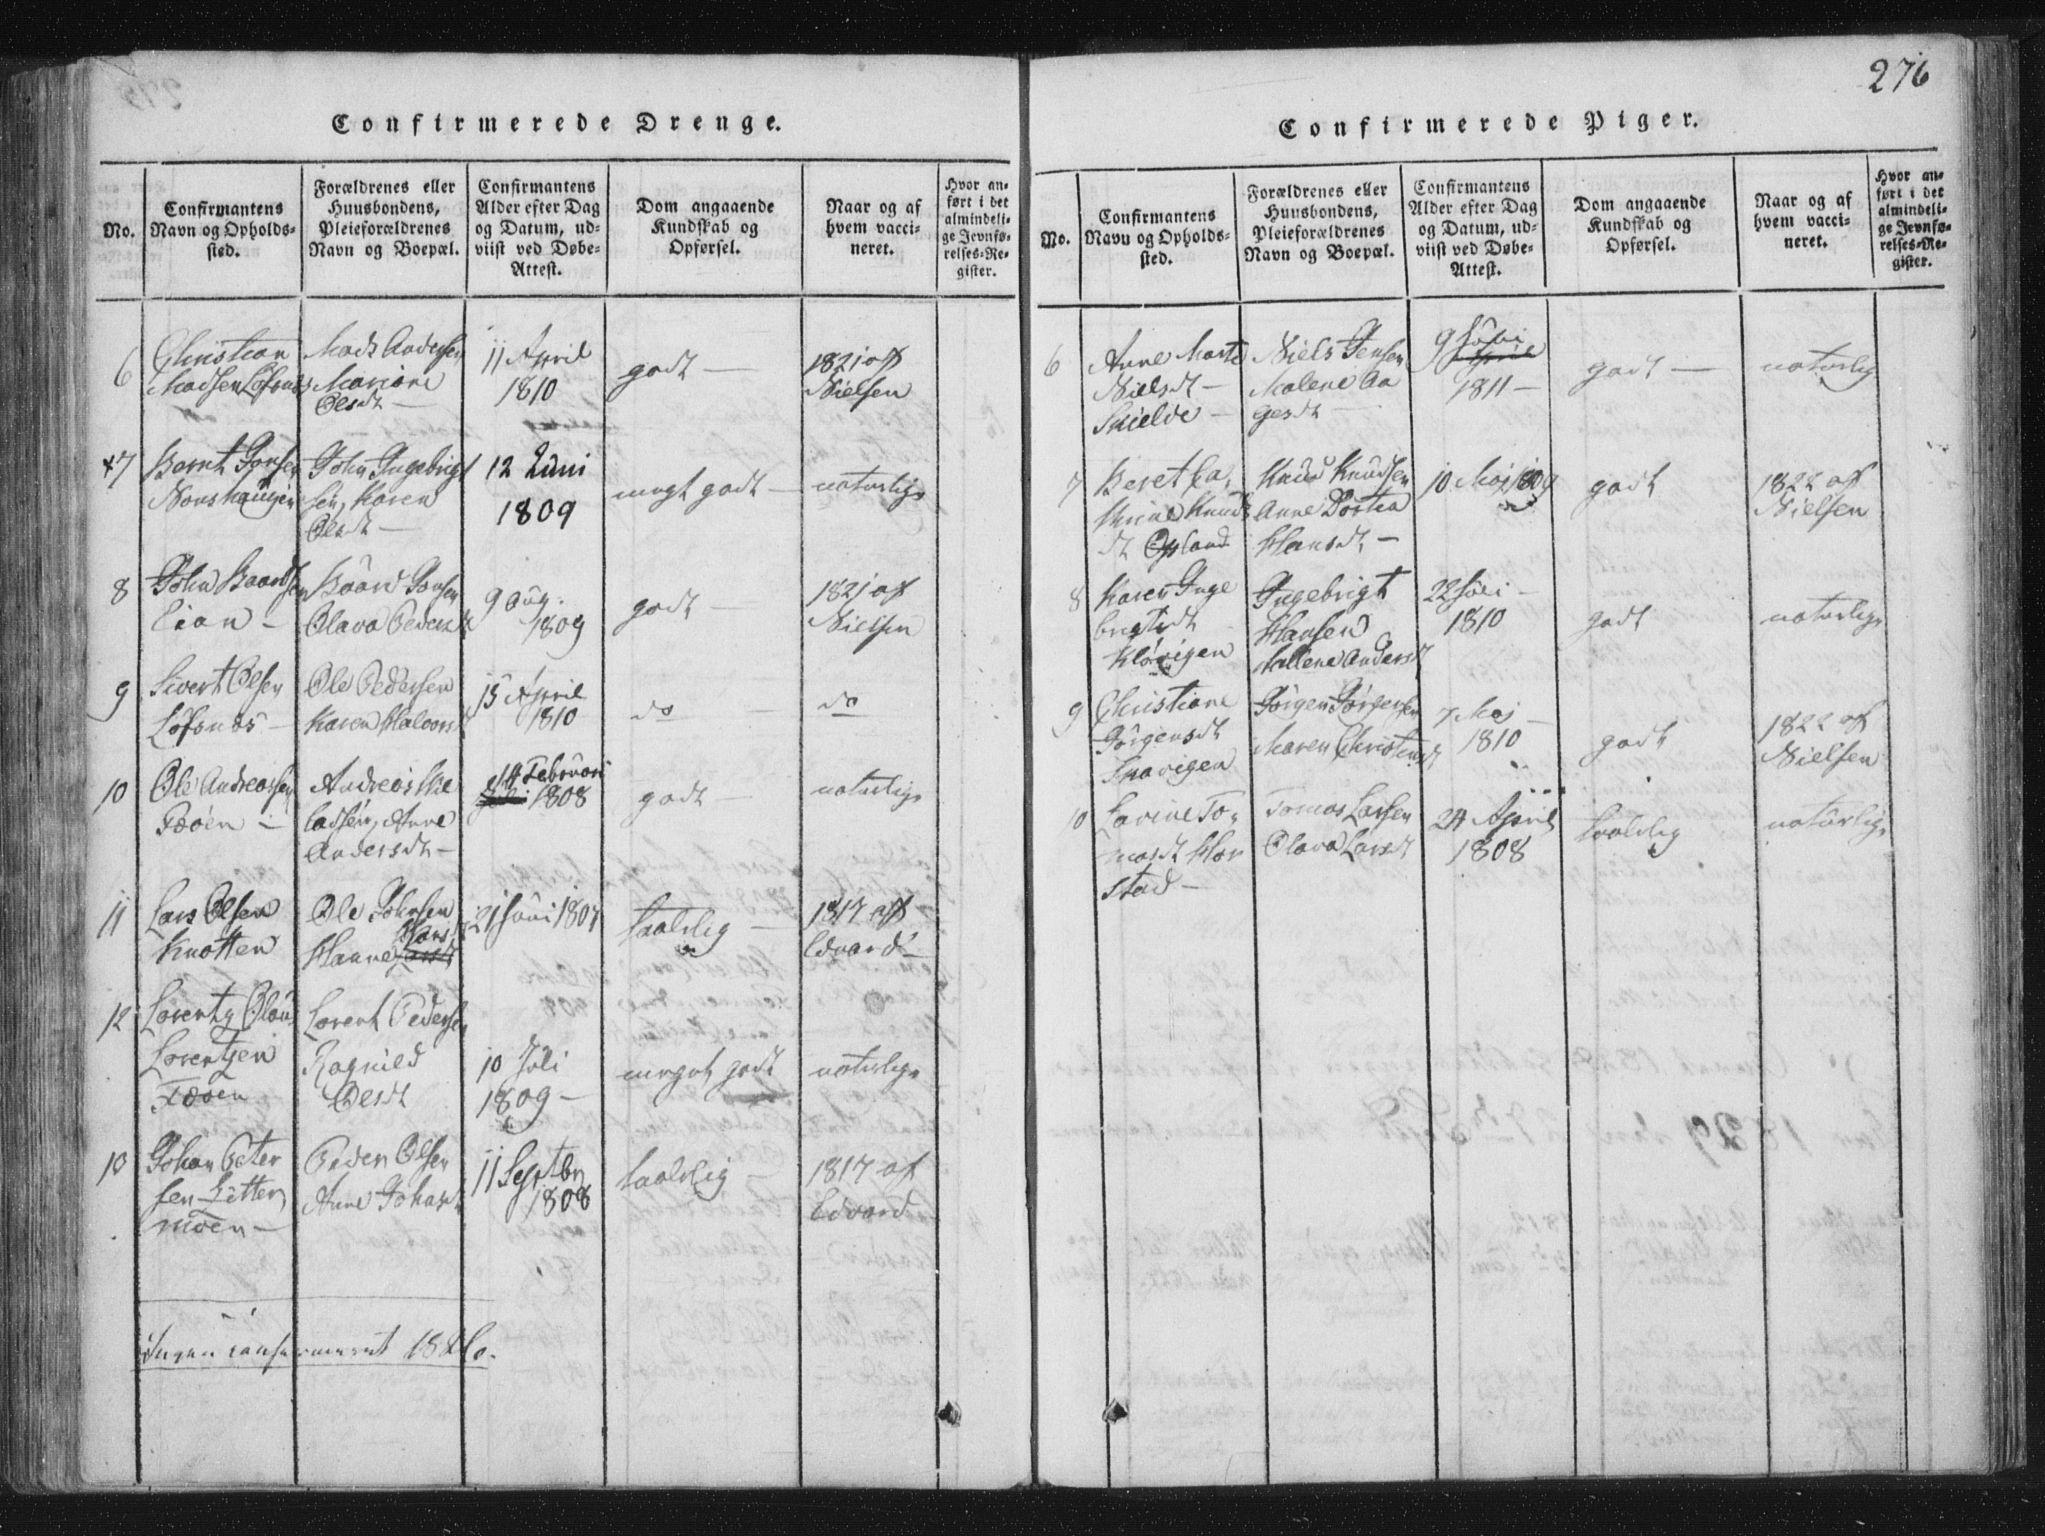 SAT, Ministerialprotokoller, klokkerbøker og fødselsregistre - Nord-Trøndelag, 773/L0609: Ministerialbok nr. 773A03 /3, 1815-1830, s. 276